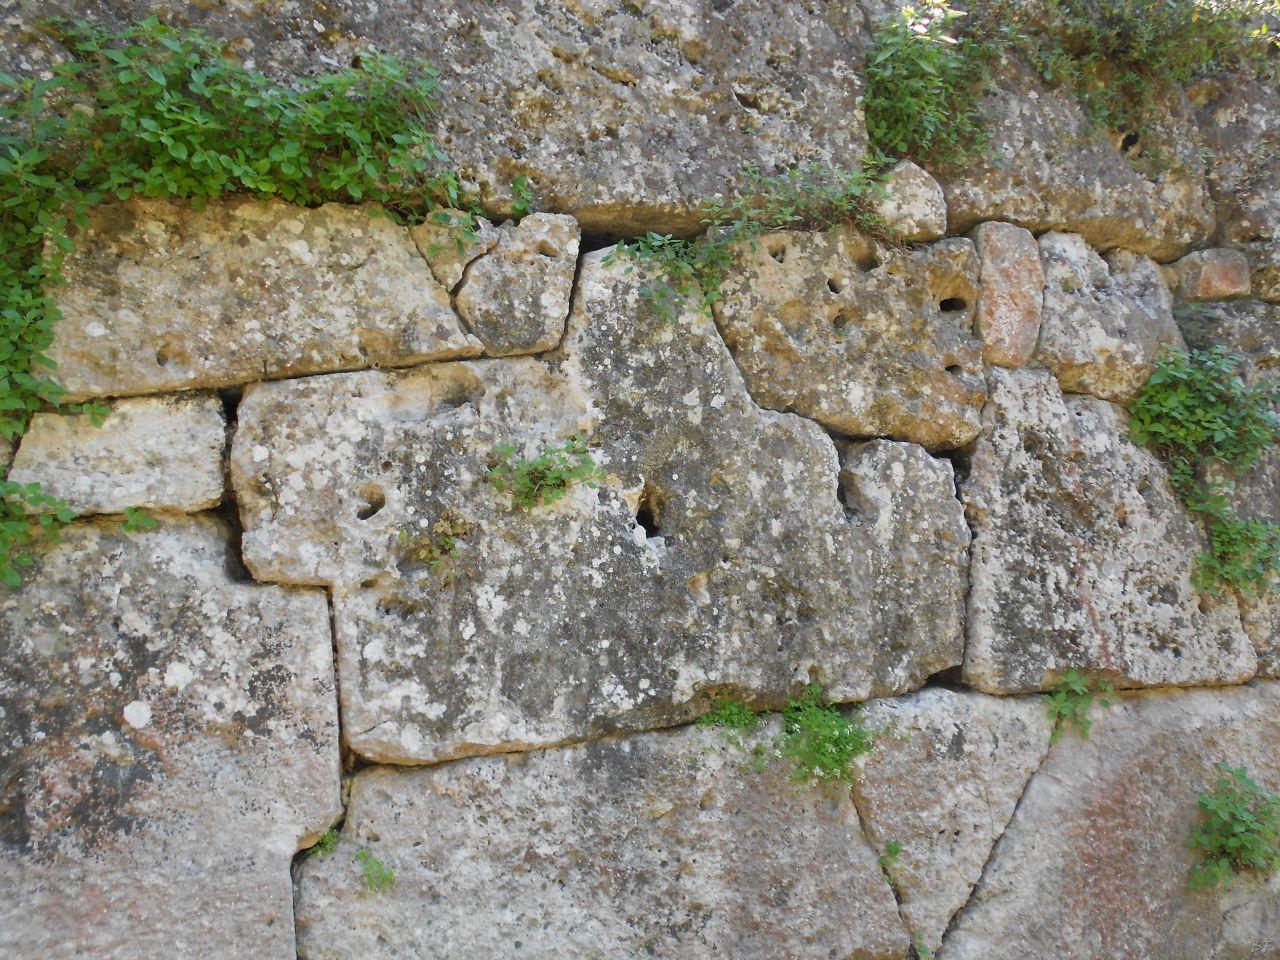 Cosa-Mura-Megalitiche-Ansedonia-Grosseto-Toscana-Italia-26